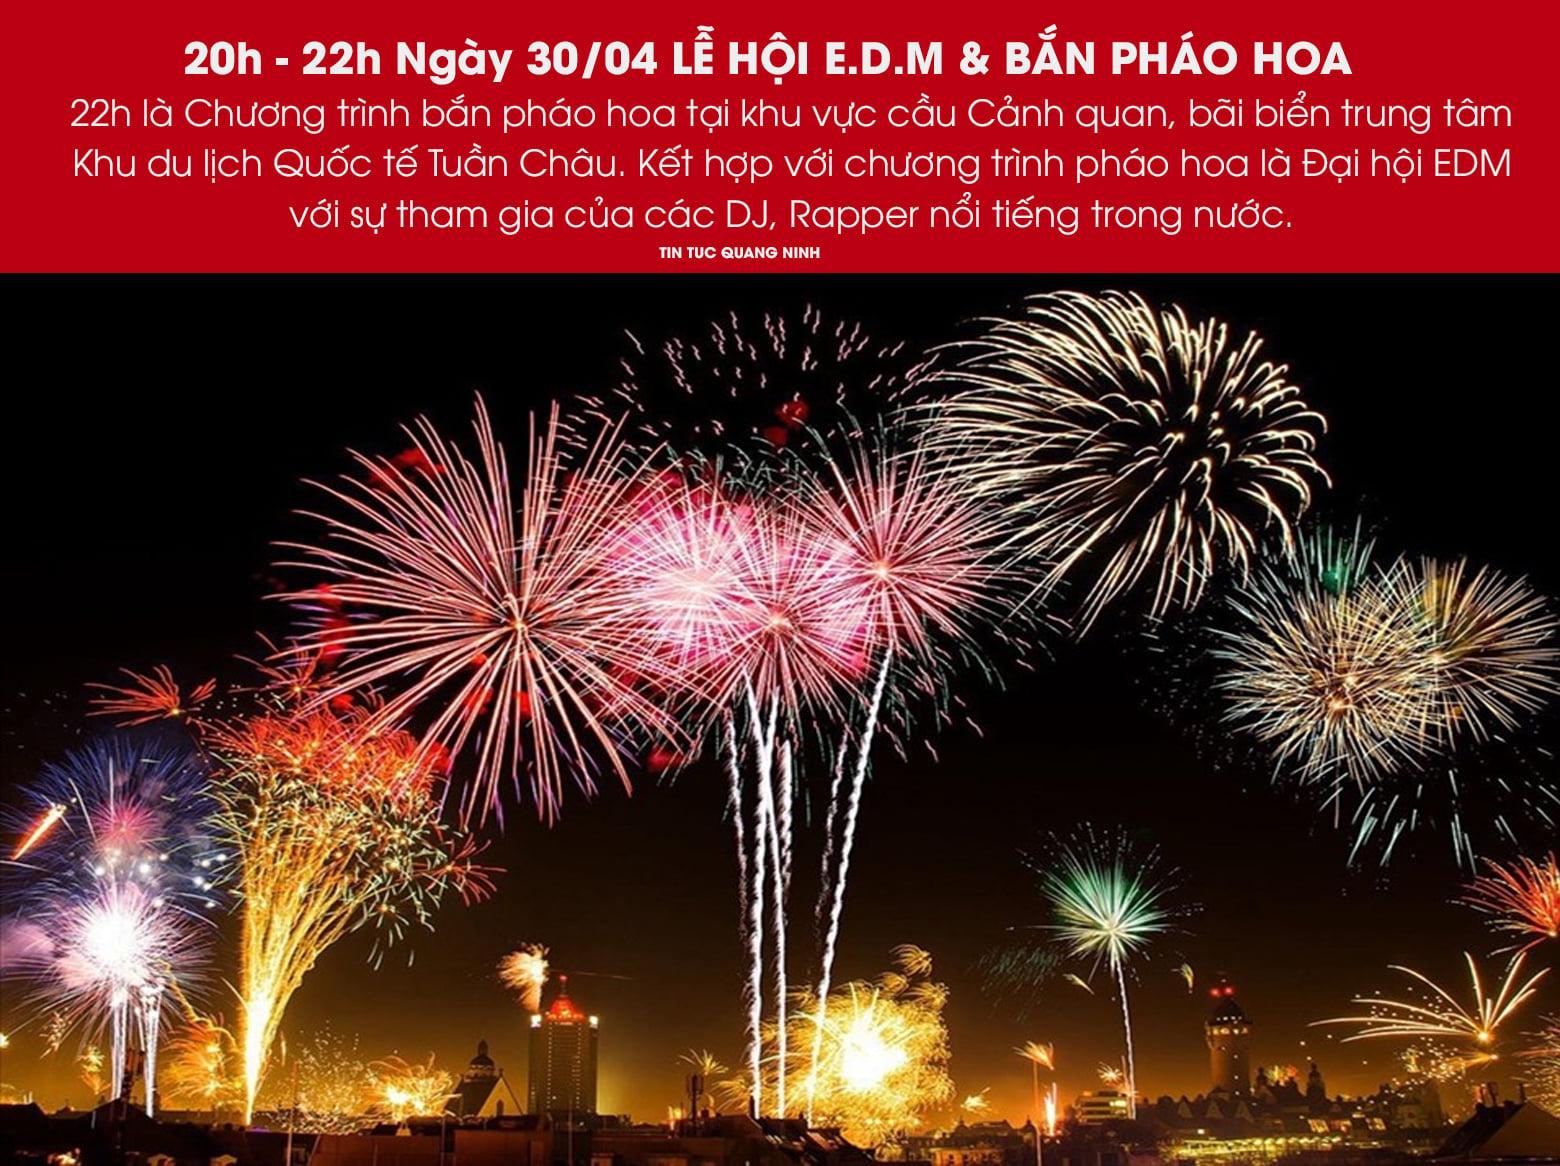 Bắn pháo hoa và lễ hội EDM Tuần Châu